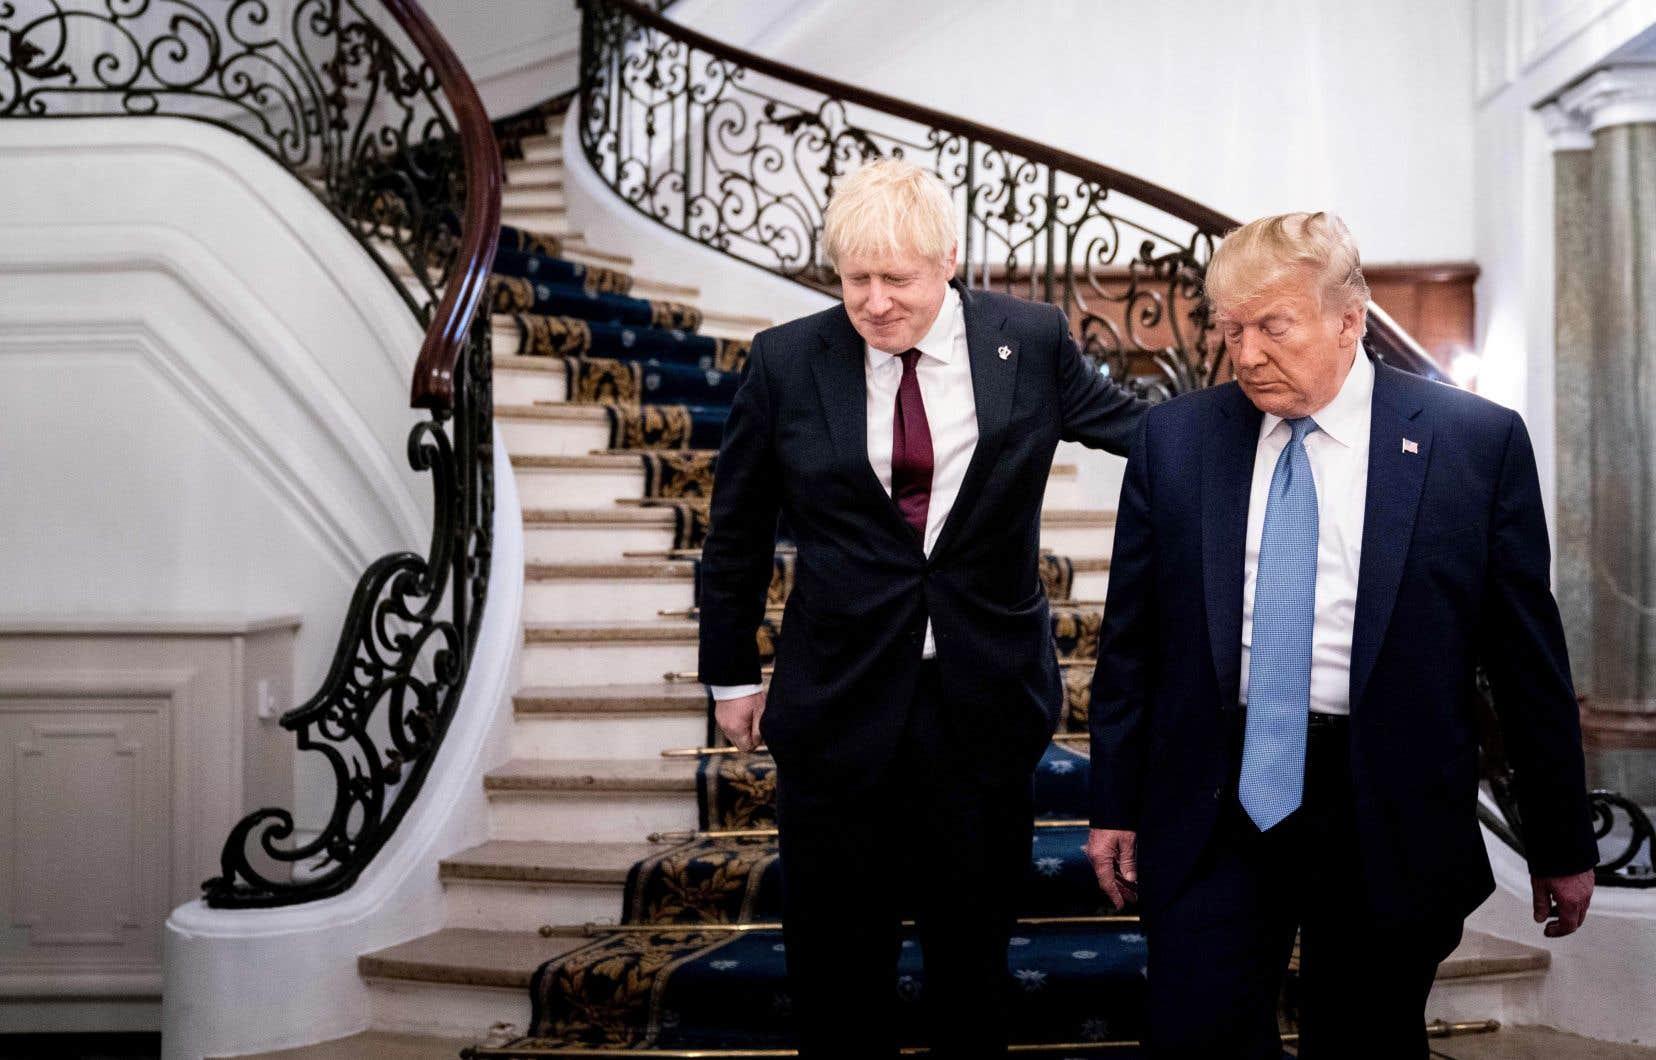 Boris Johnson et Donald Trump lors du dernier sommet du G7 à Biarritz, en France, en août